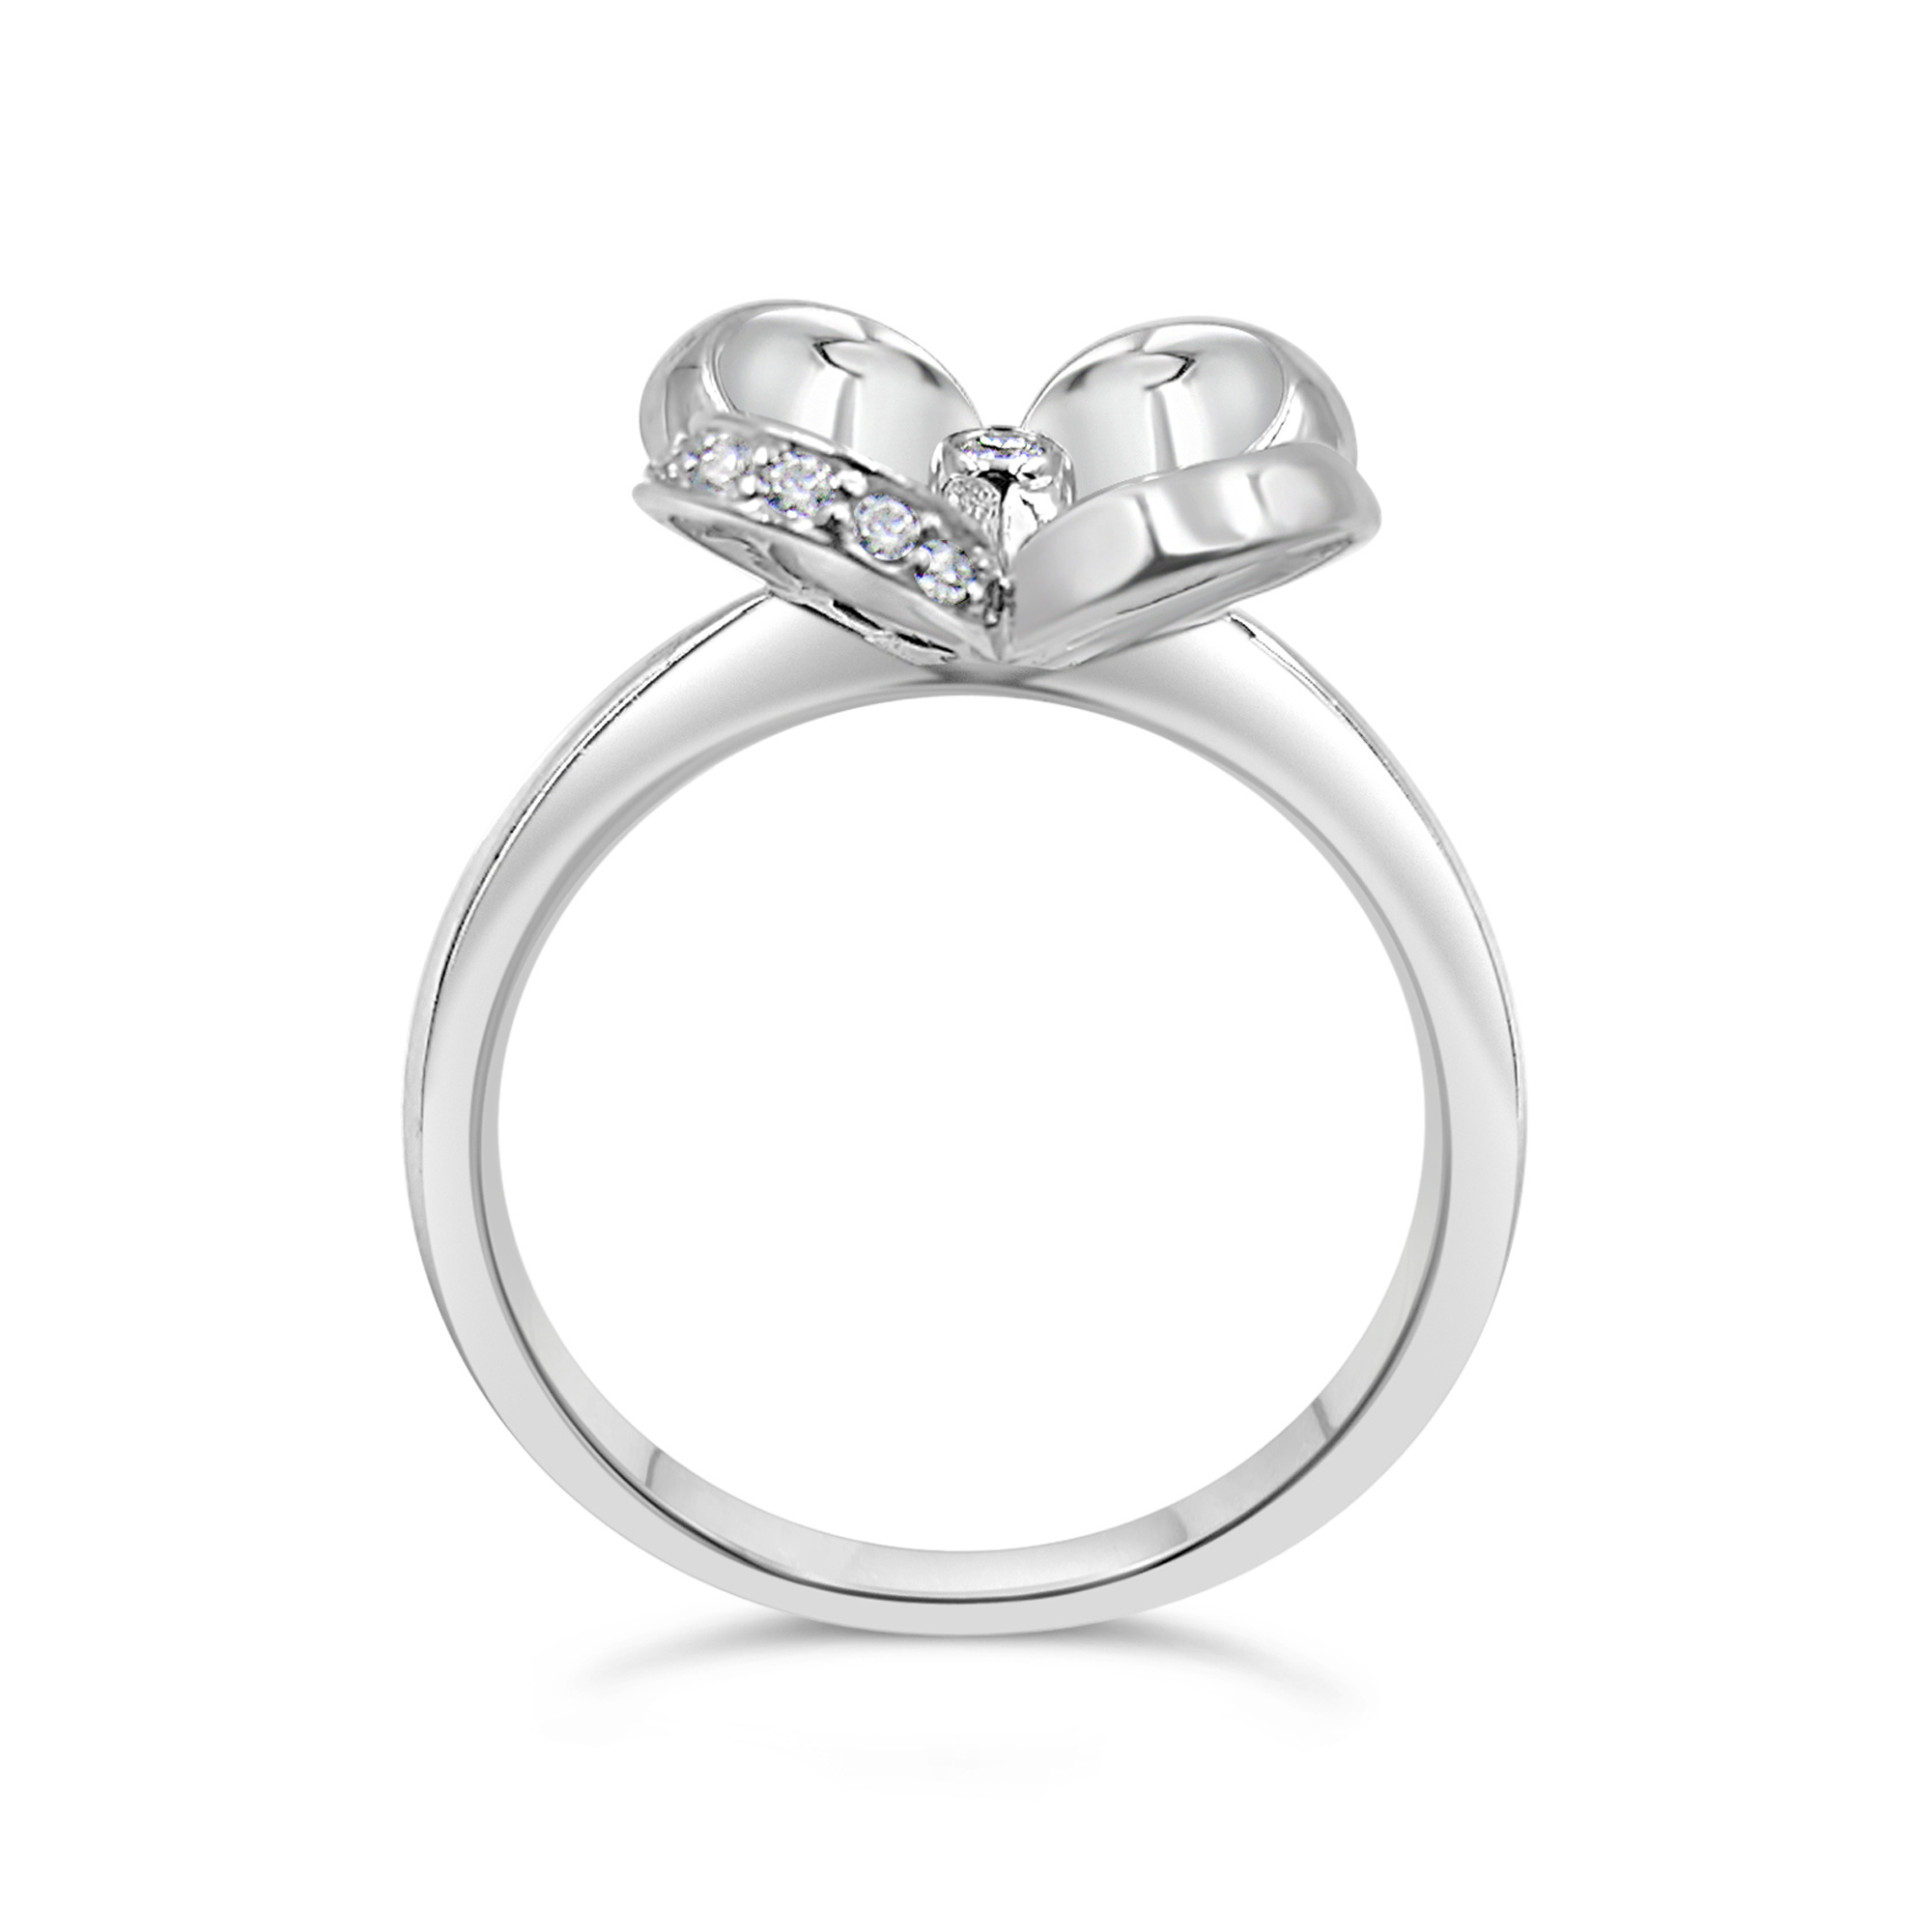 18 karaat geel goud ring met 0.15 ct diamanten